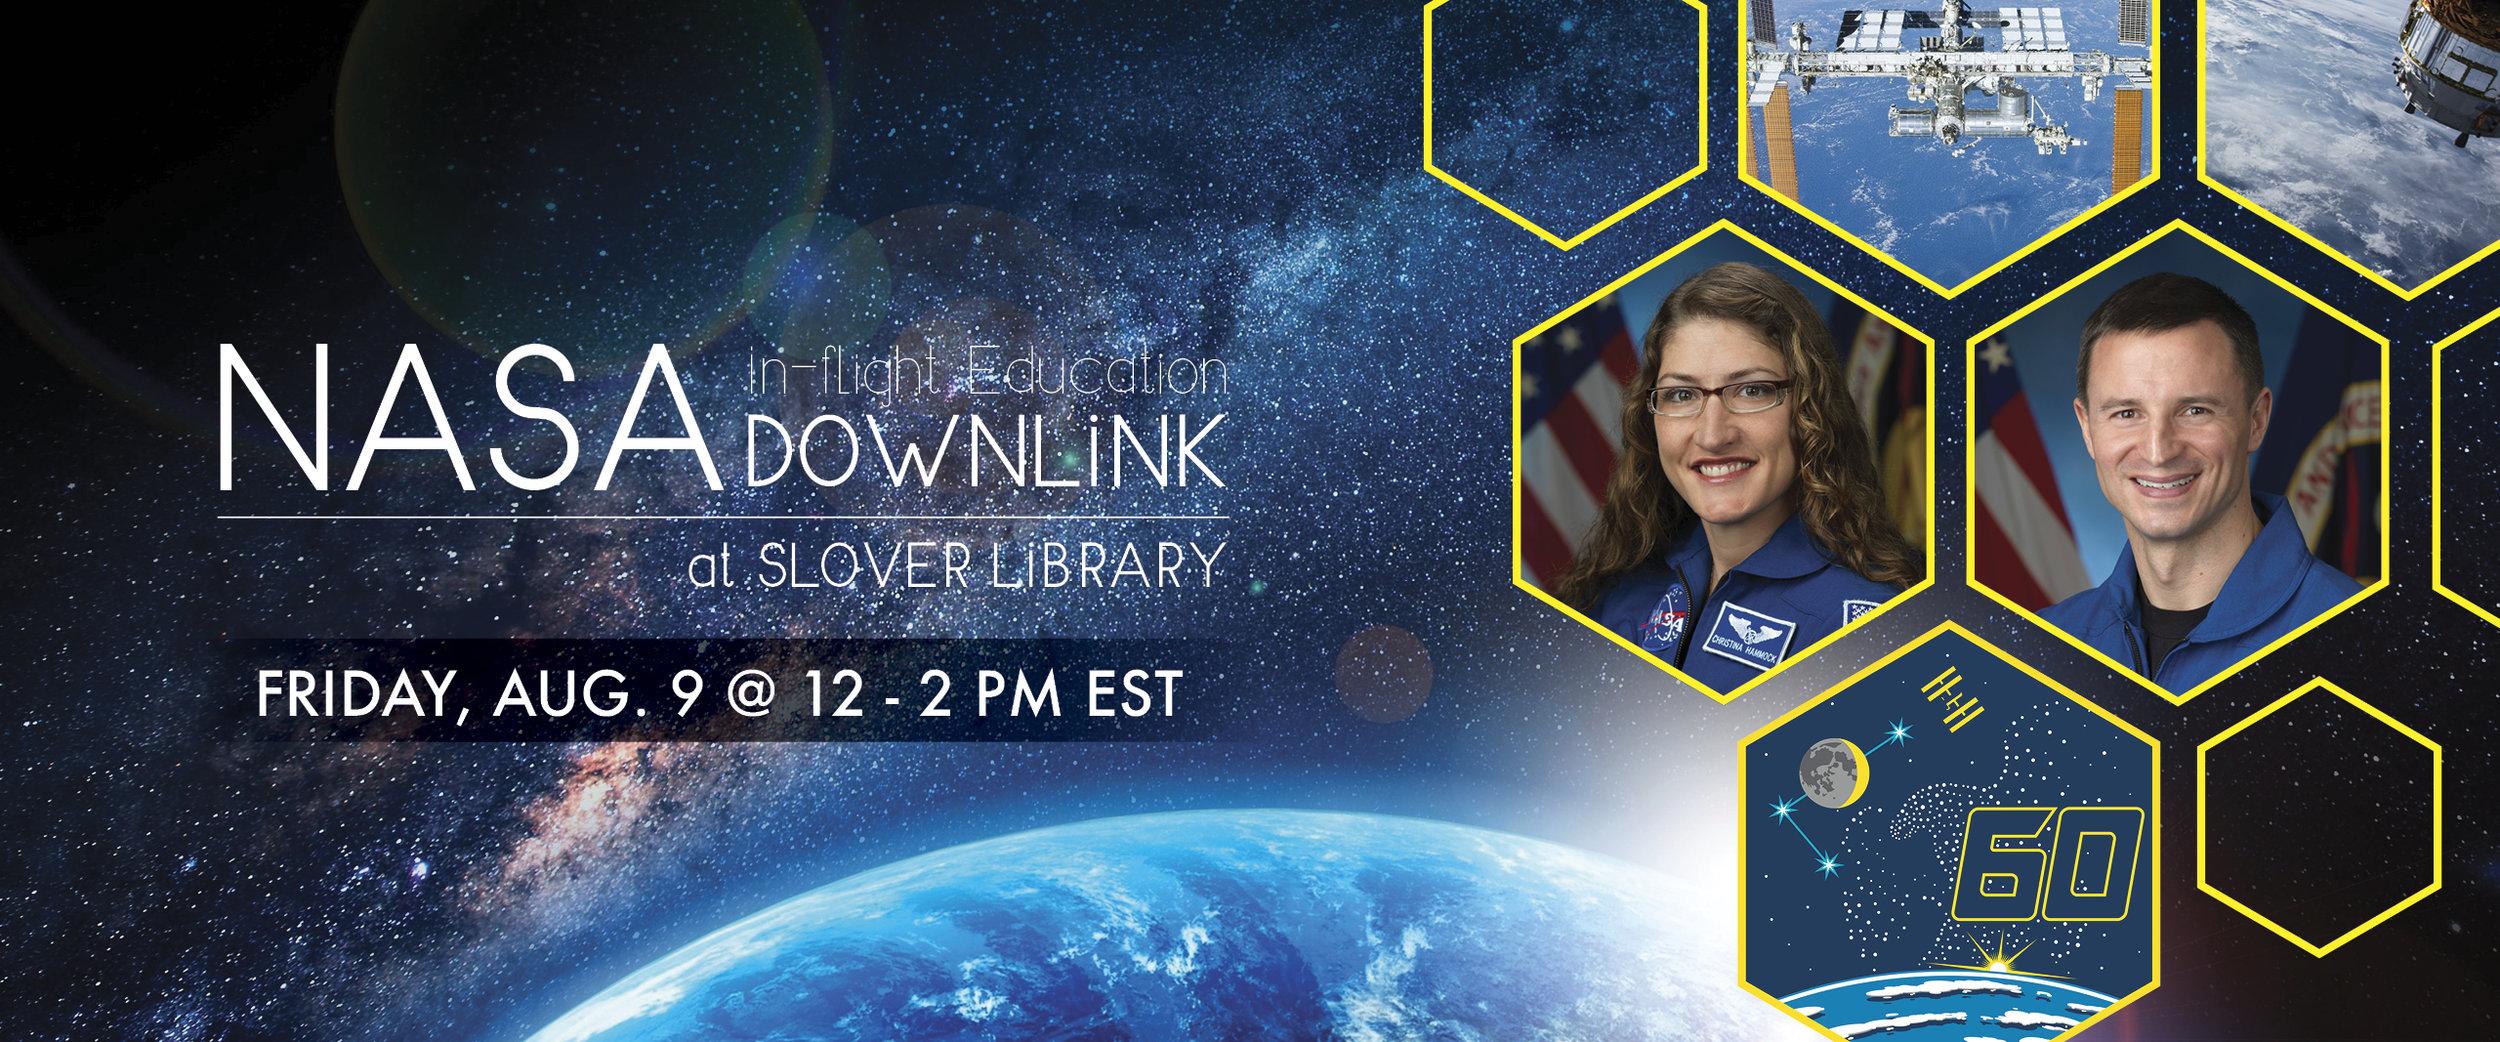 NASA Downlink Website front page slide.jpg